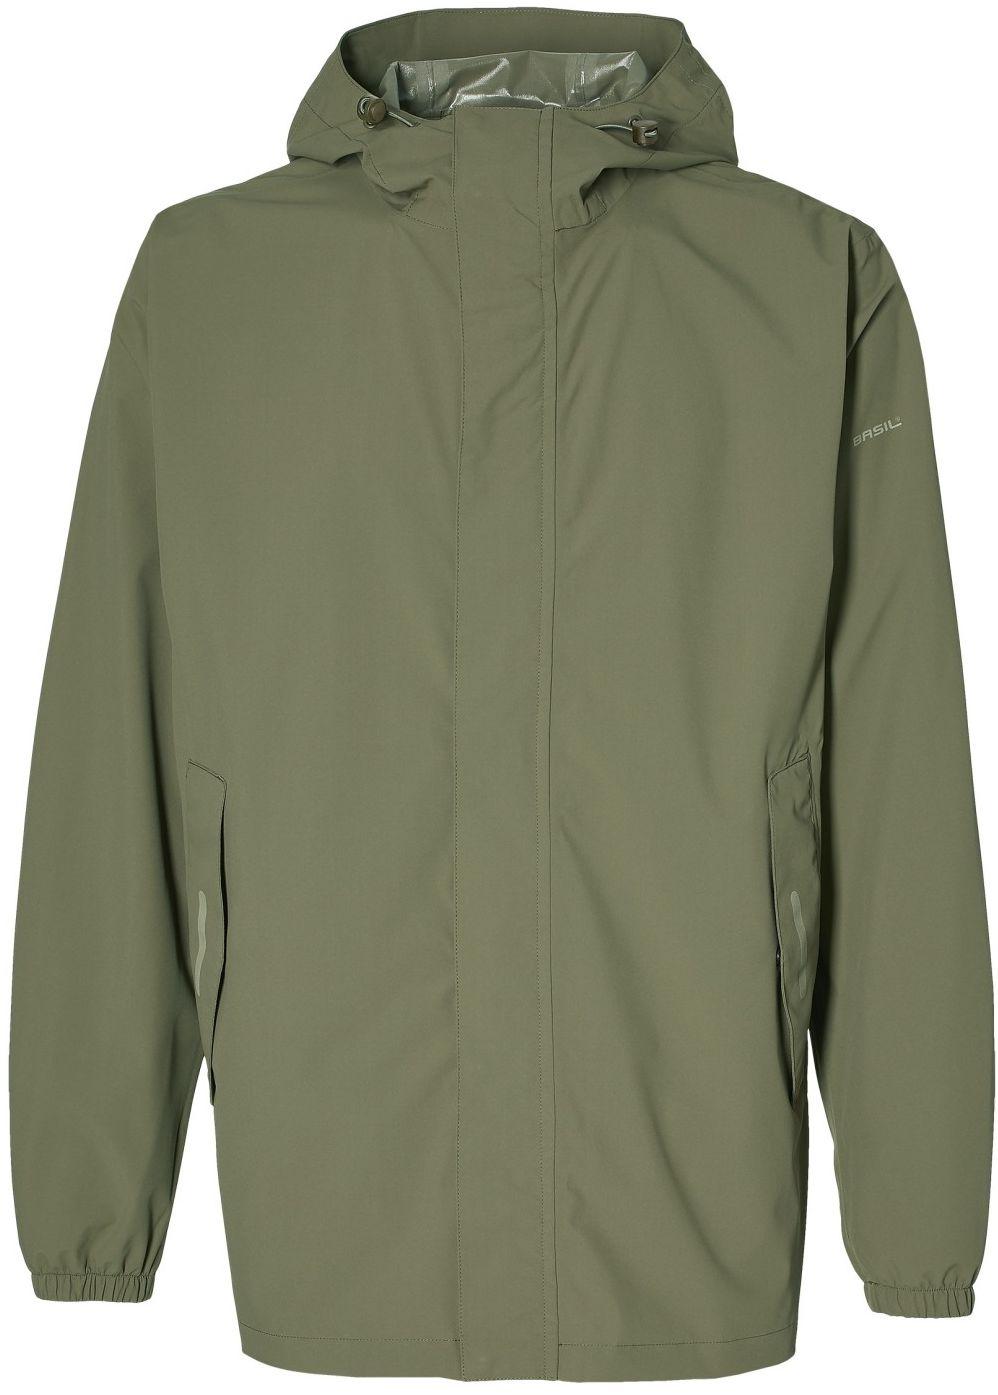 BASIL kurtka przeciwdeszczowa hoga olive green B-40093 Rozmiar: S,basil-B-40093